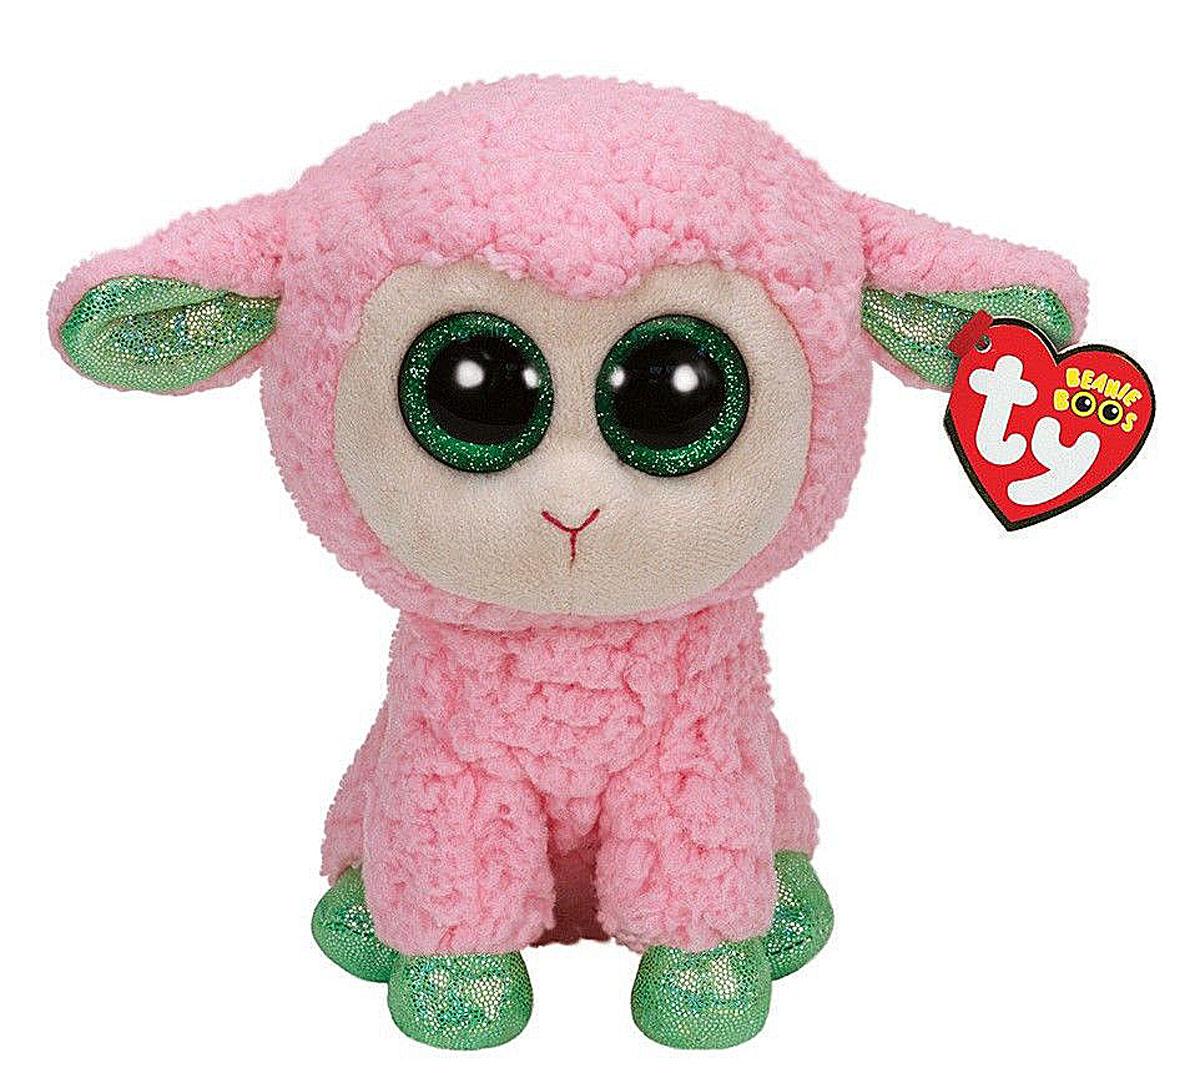 TY Мягкая игрушка Овечка Leyla 23 см36937Мягкая игрушка Овечка Leyla обязательно вызовет положительные эмоции и улыбку у каждого. Игрушка изготовлена из безопасных, приятных на ощупь материалов в виде мягкой розовой овечки. У игрушки салатовые копытца и огромные пластиковые глазки. Гранулы из пластика, используемые при набивке игрушки, способствуют развитию мелкой моторики рук ребенка. Симпатичная игрушка будет радовать вашего ребенка, а также способствовать полноценному и гармоничному развитию его личности. Великолепное качество исполнения делают эту игрушку чудесным подарком к любому празднику, как для ребенка, так и взрослого человека!